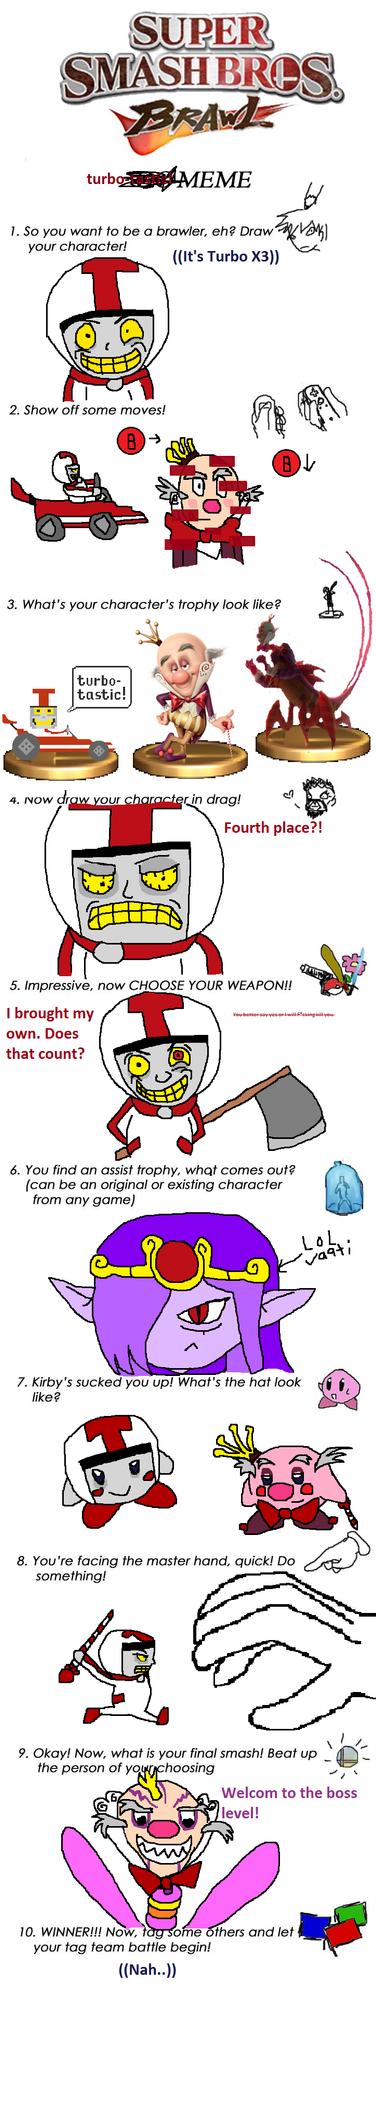 Ssbb Meme by Ask-Reala